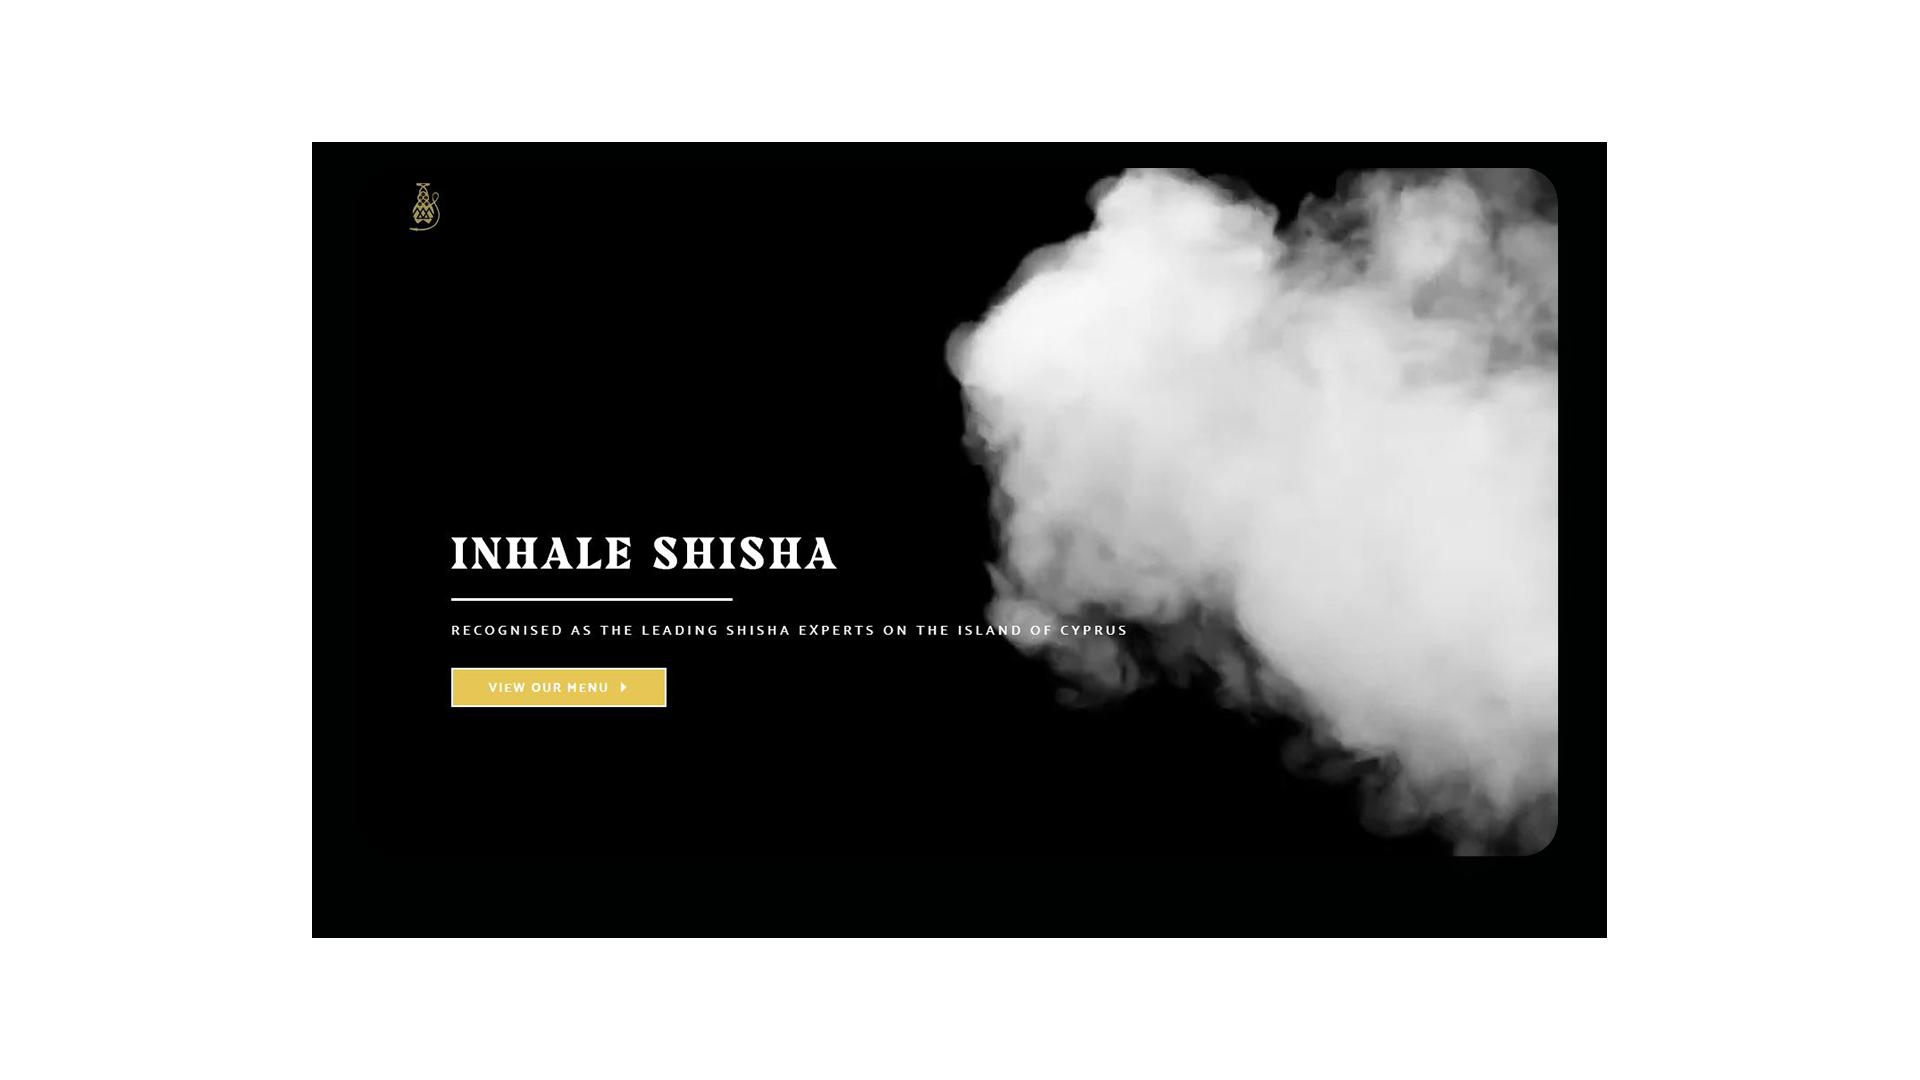 Inhale Shisha